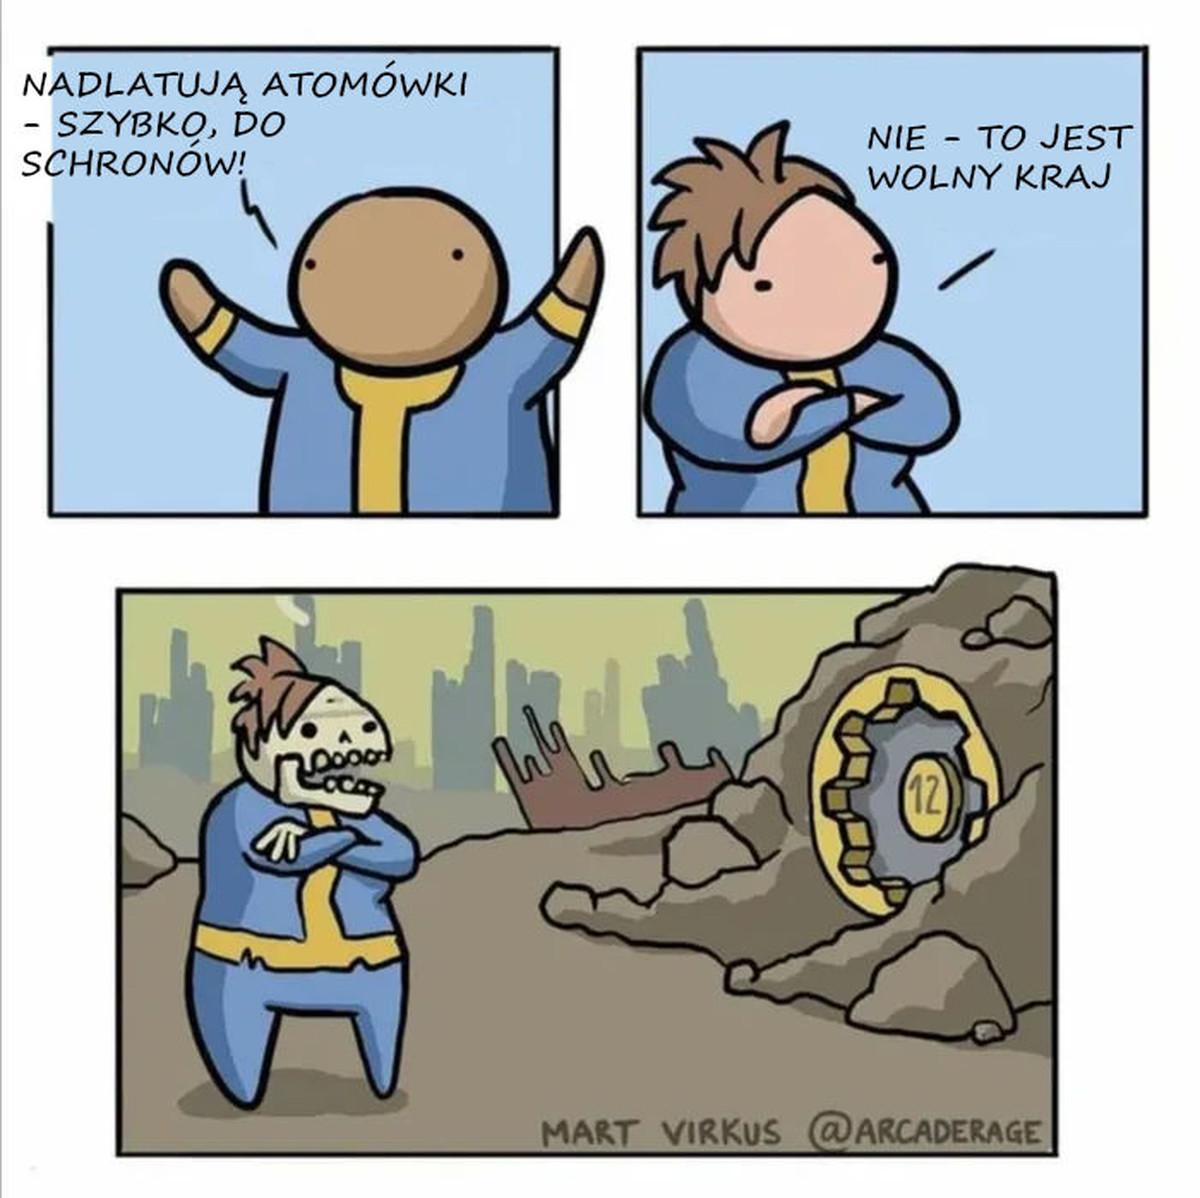 Nadlatują atomówki